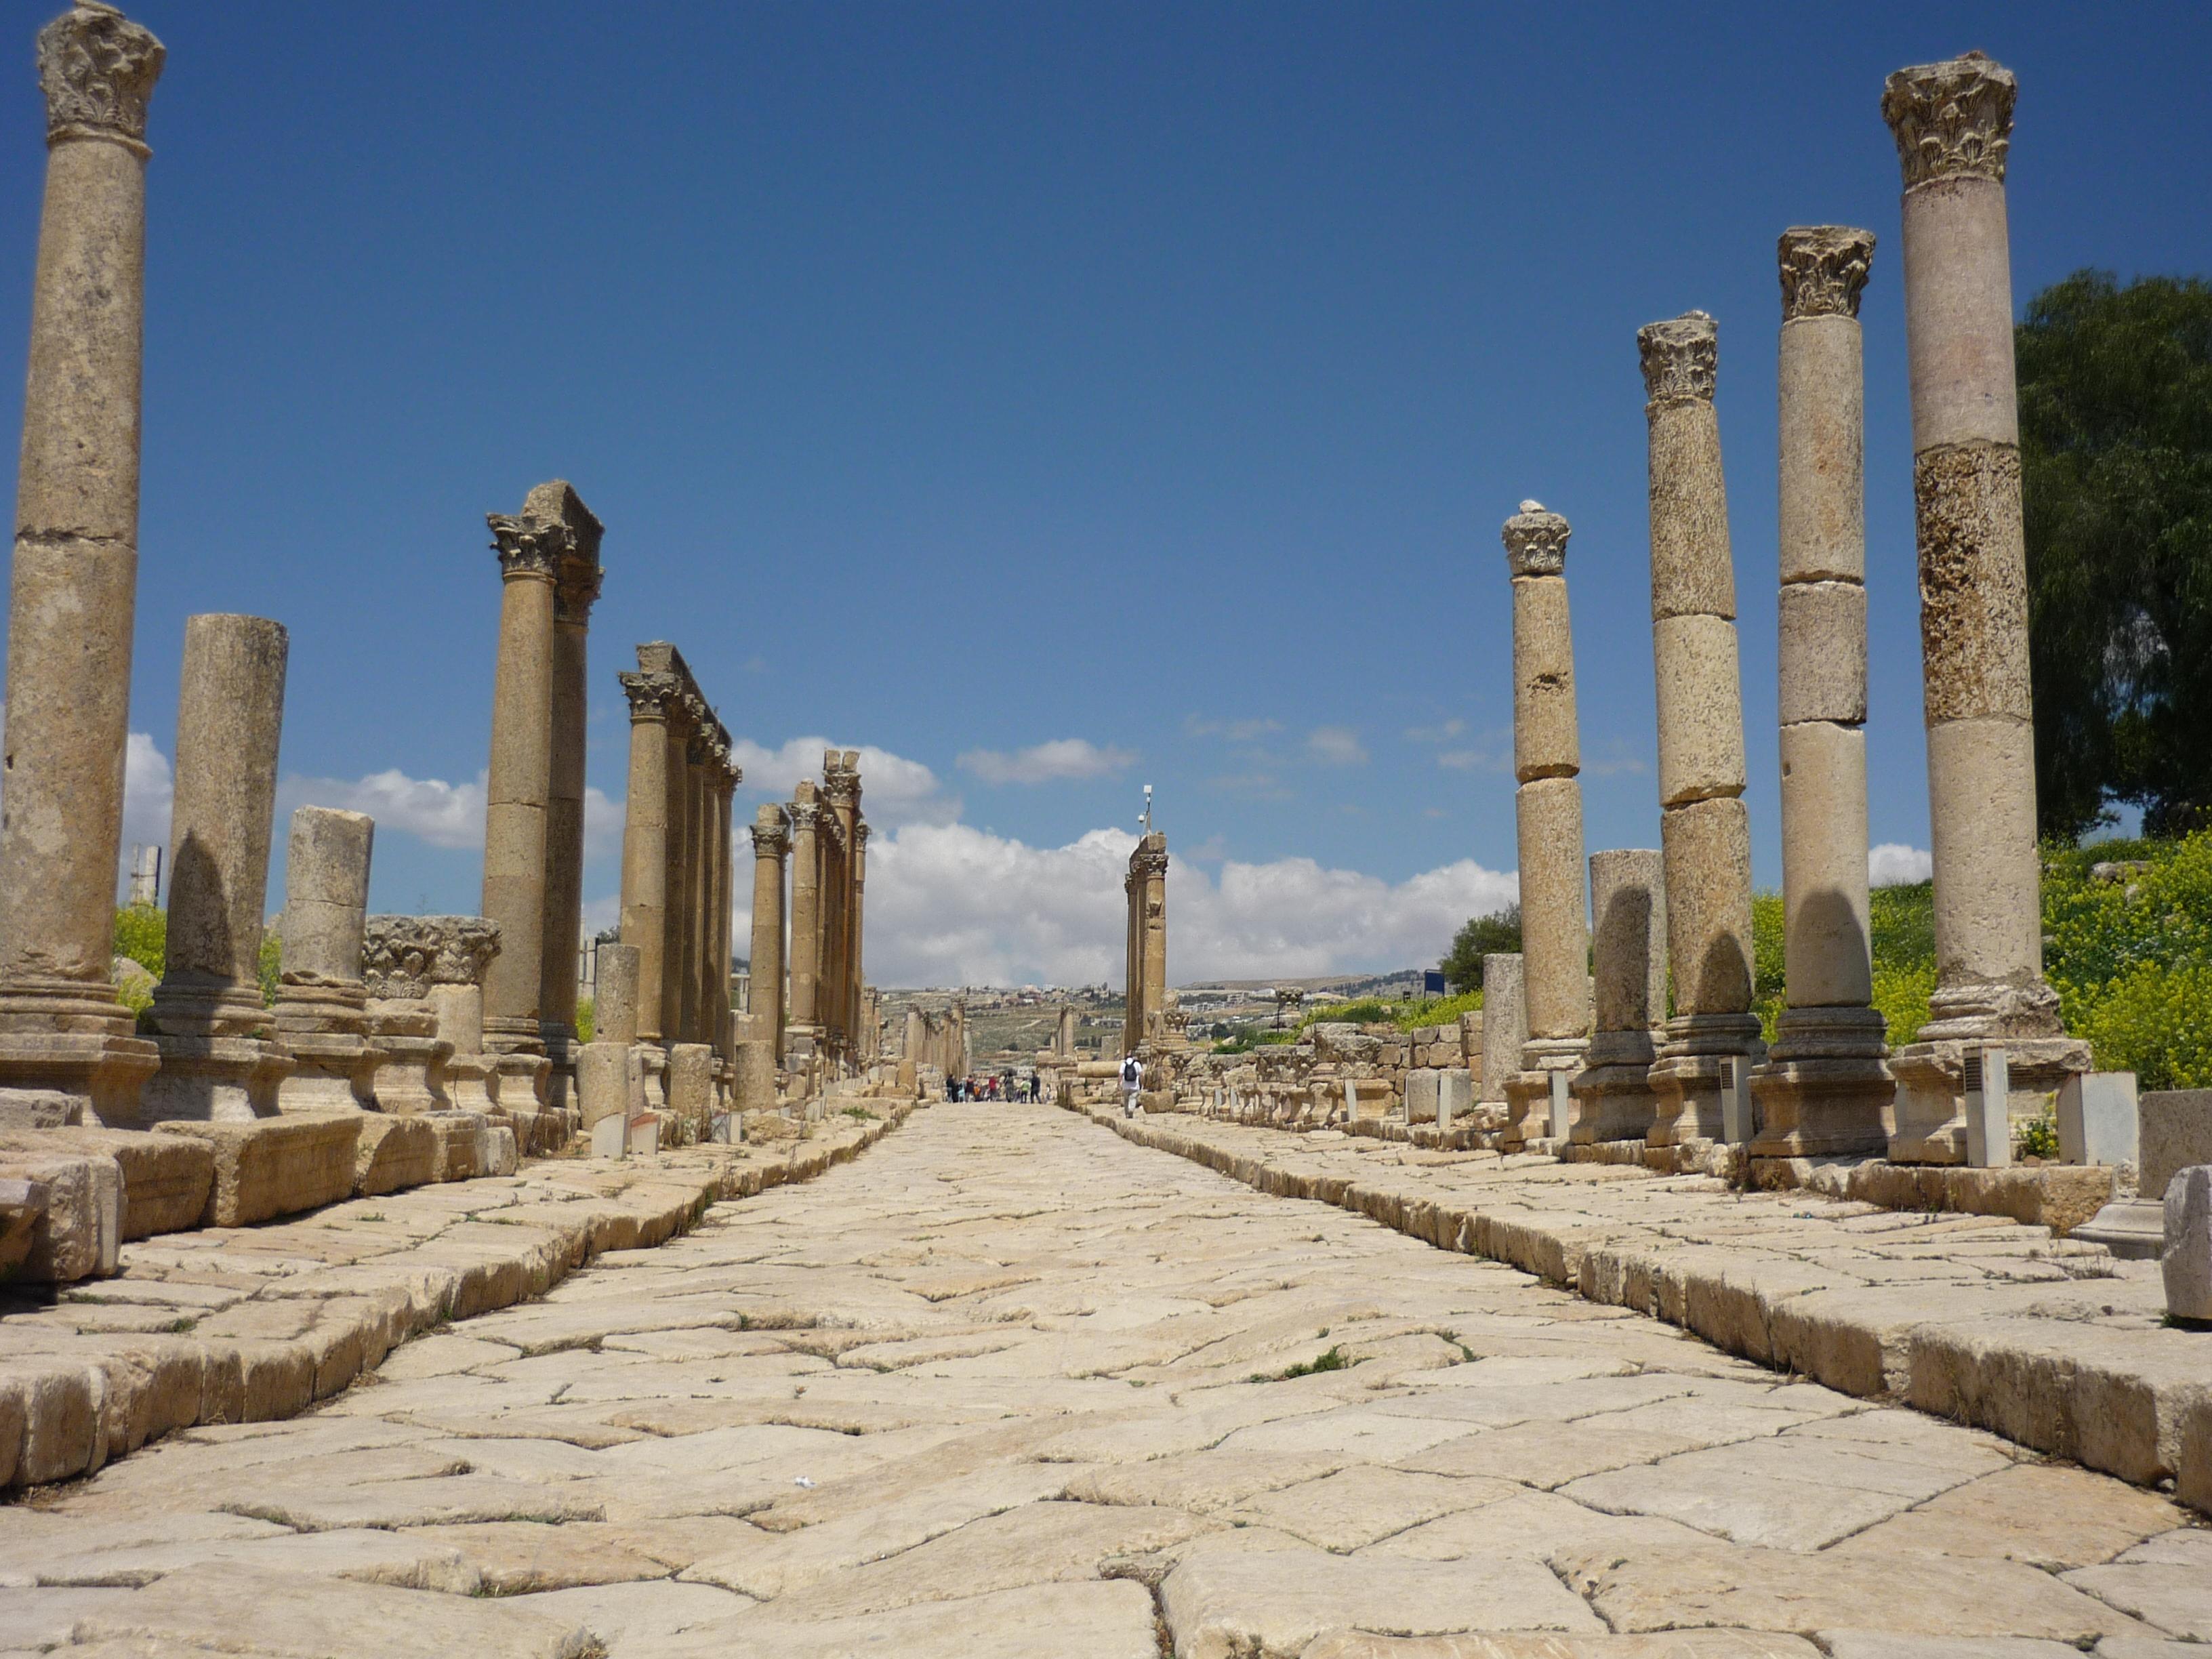 Luca Errera, Daniela Trastulli, Giordania, Amman, colonne romane